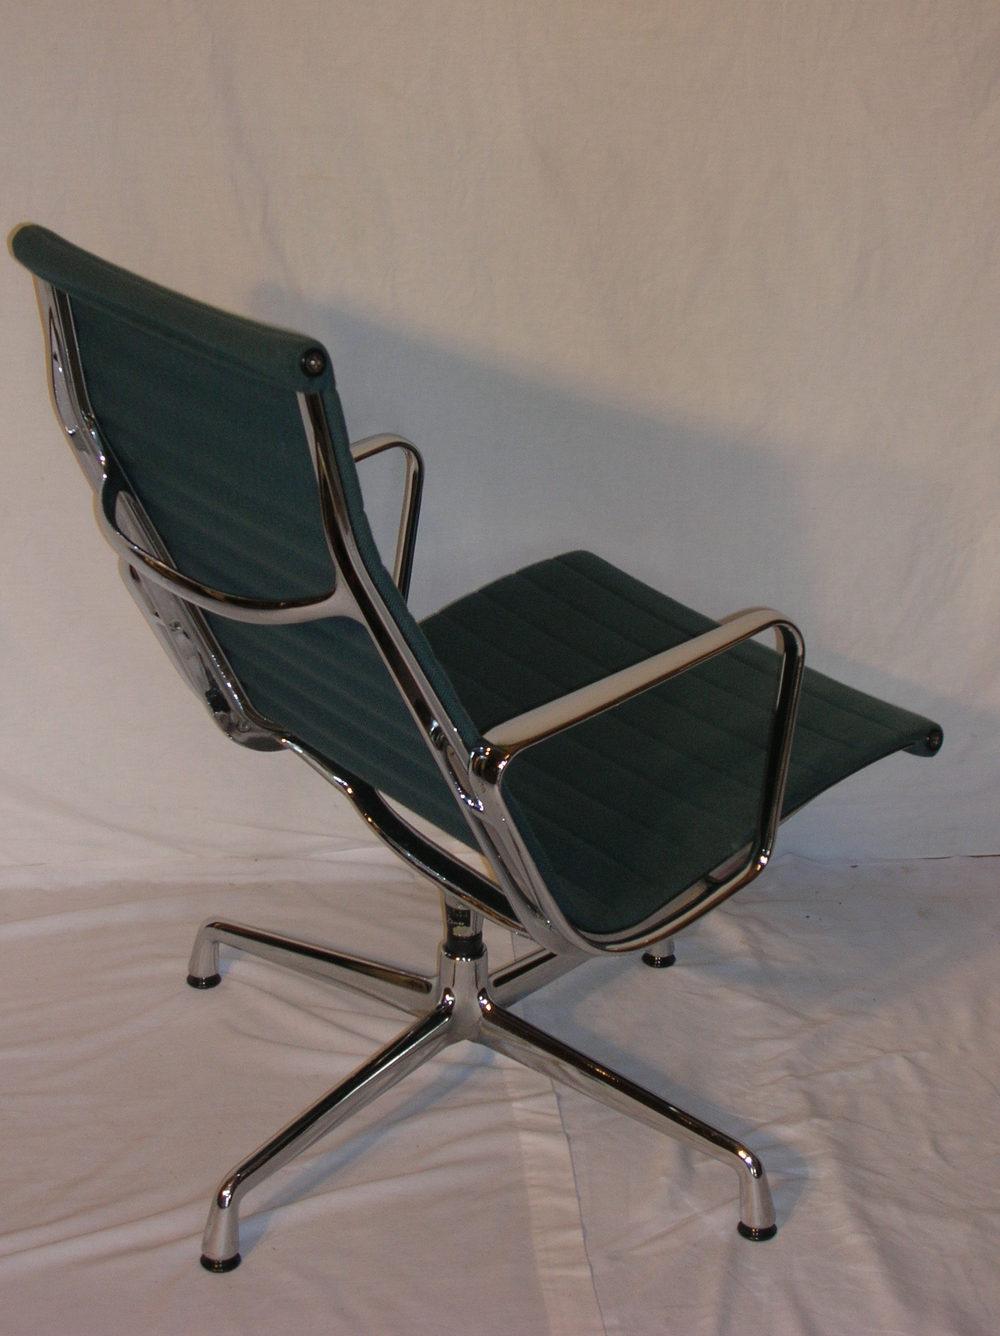 desk chair for sale webbing lawn chairs antiques atlas - antique retro vintage swivel